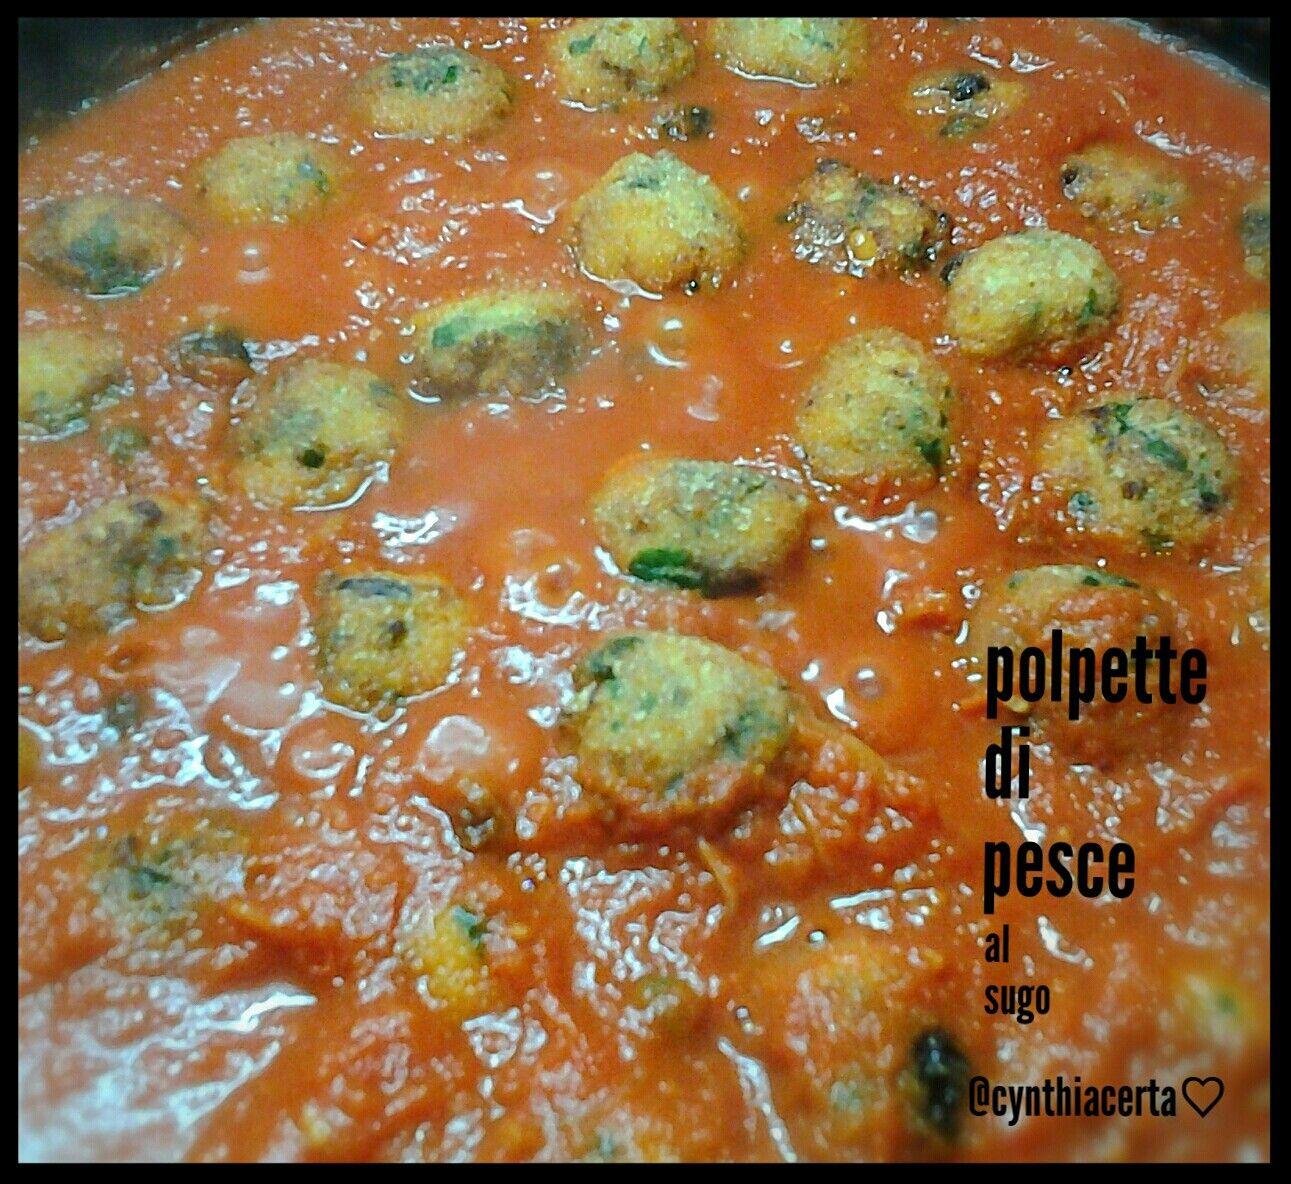 Polpette di pesce al sugo di pomodoro, capperi, olive nere, uvetta e pinoli....piatto della tradizione siciliana. Homemade recipe&photo @cynthiacerta♡